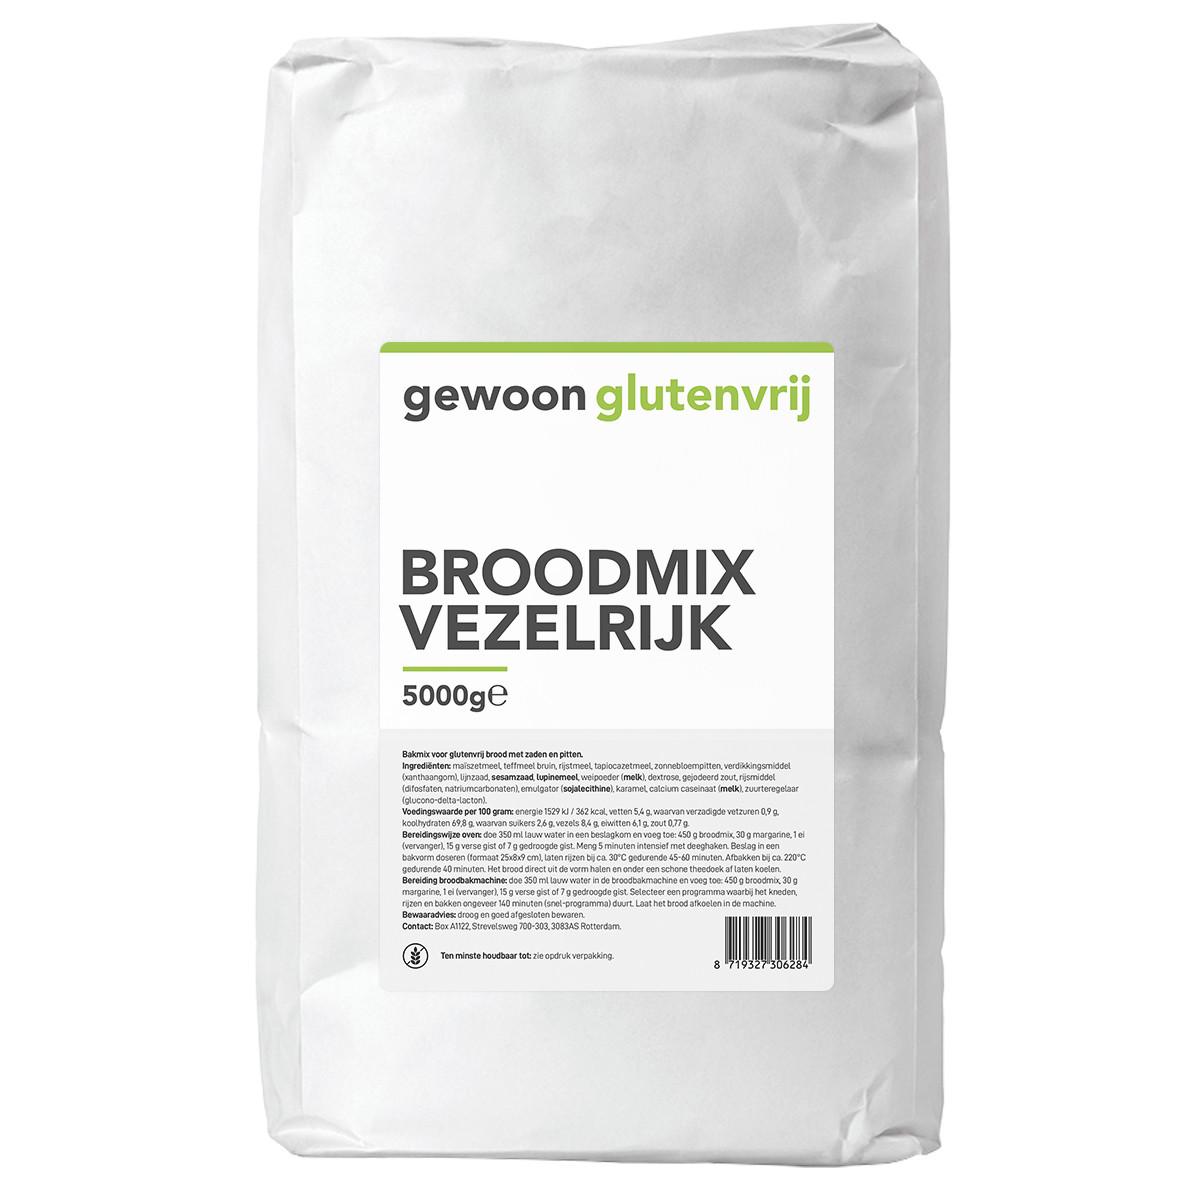 Broodmix Vezelrijk 5 kilo